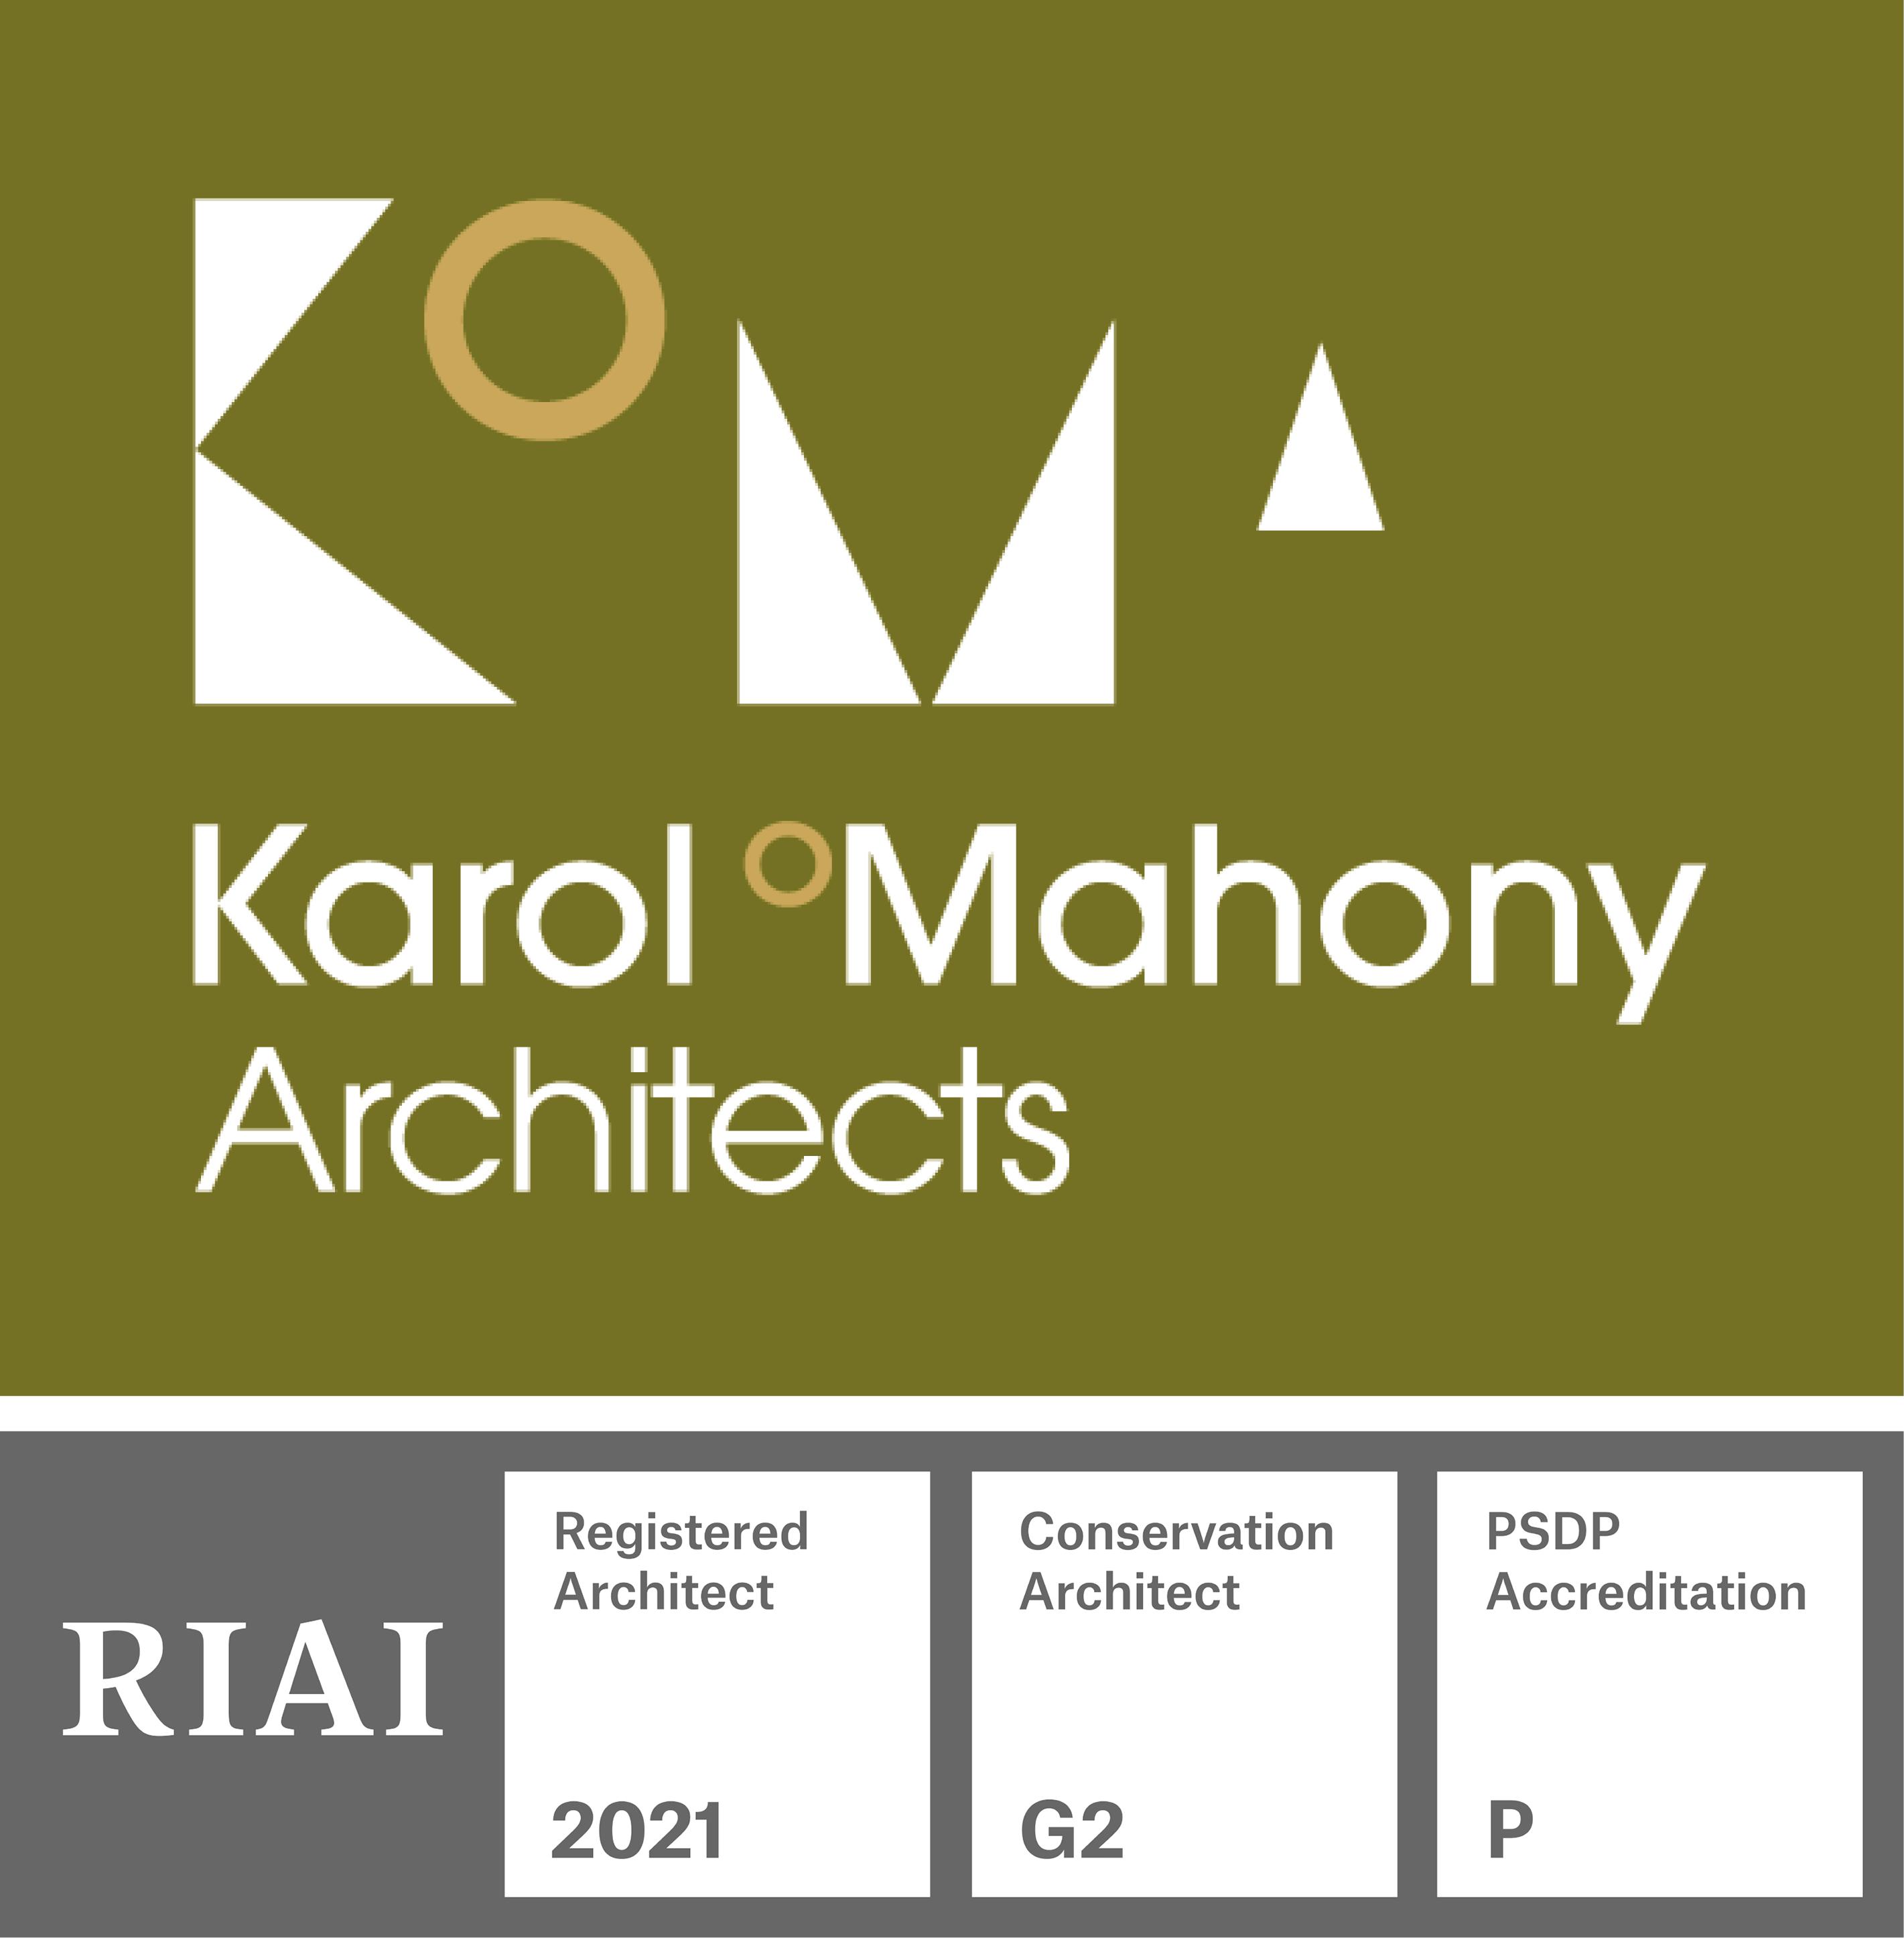 Karol O'Mahony and RIAI logos